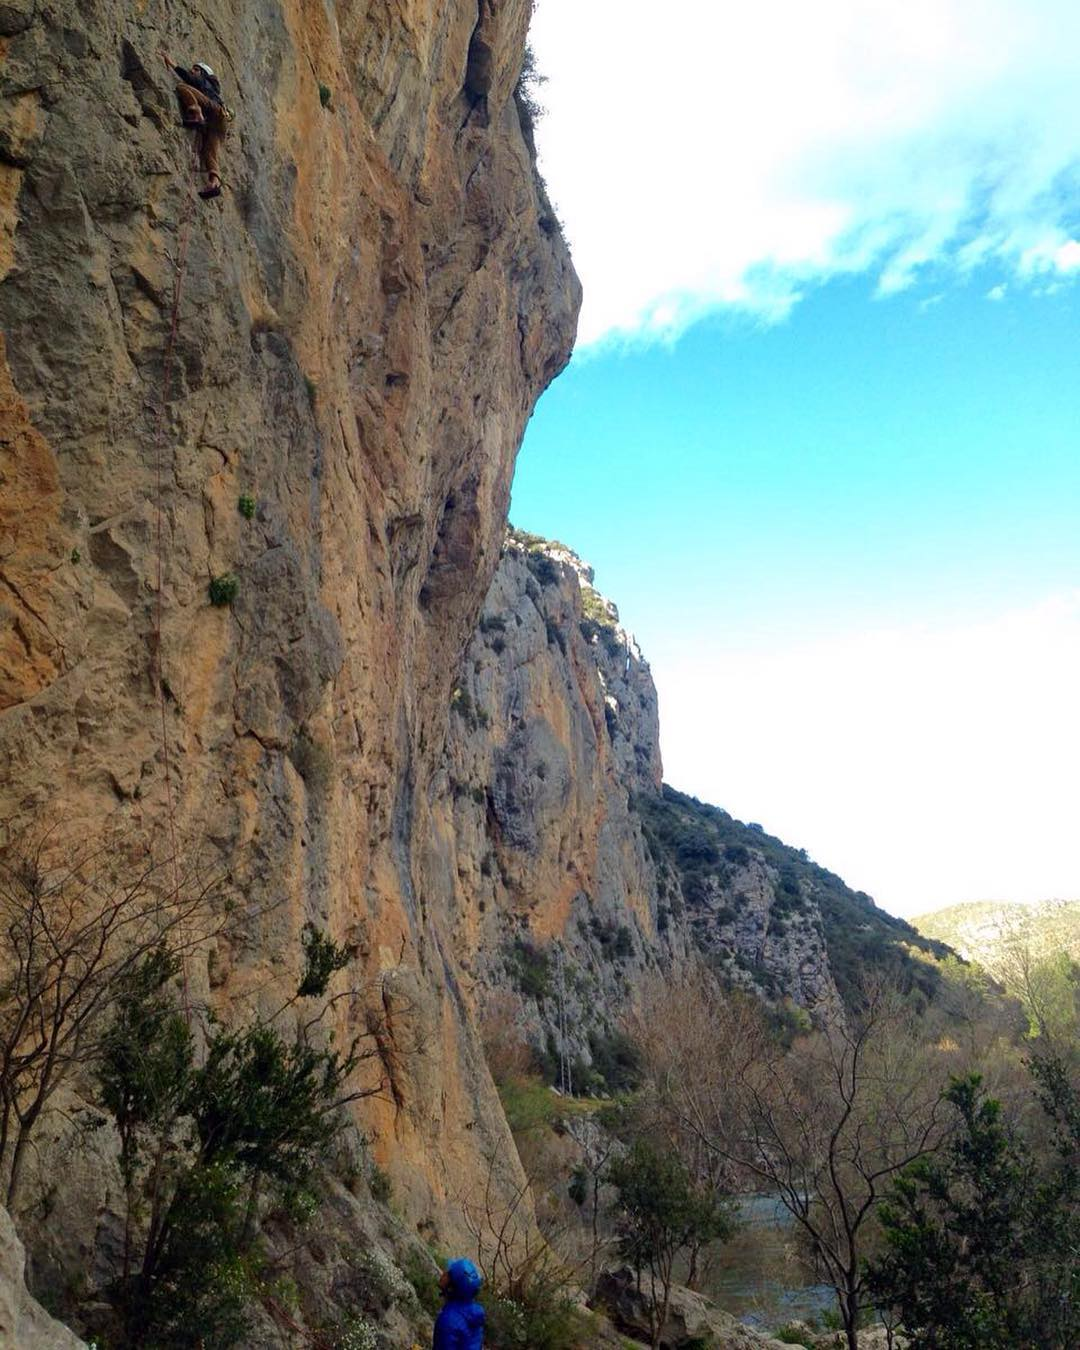 Día de escalada, conociendo nuevos lugares, zarpado!! #livethesearch #embajadordelosandes #rocaoplomo #climbing #spain